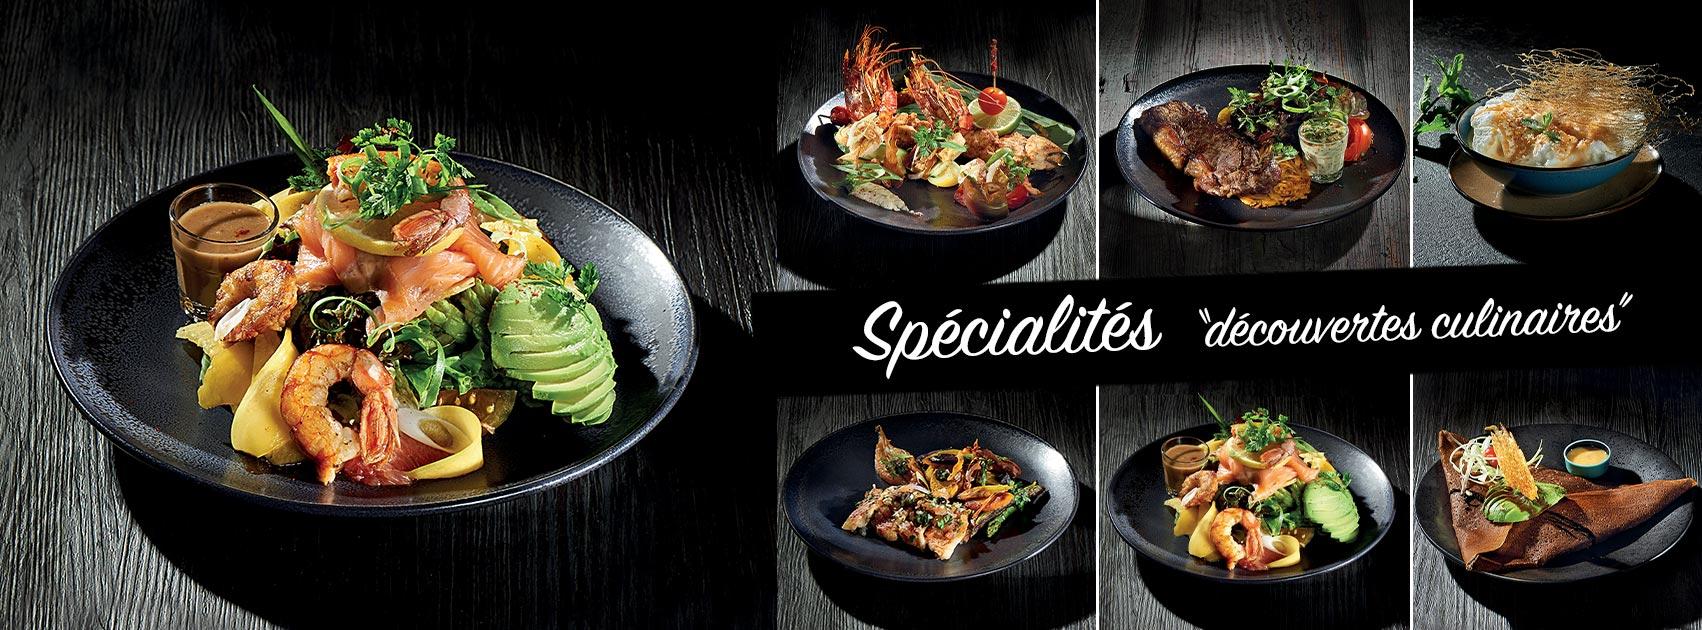 Les spécialités culinaires de La Cabane